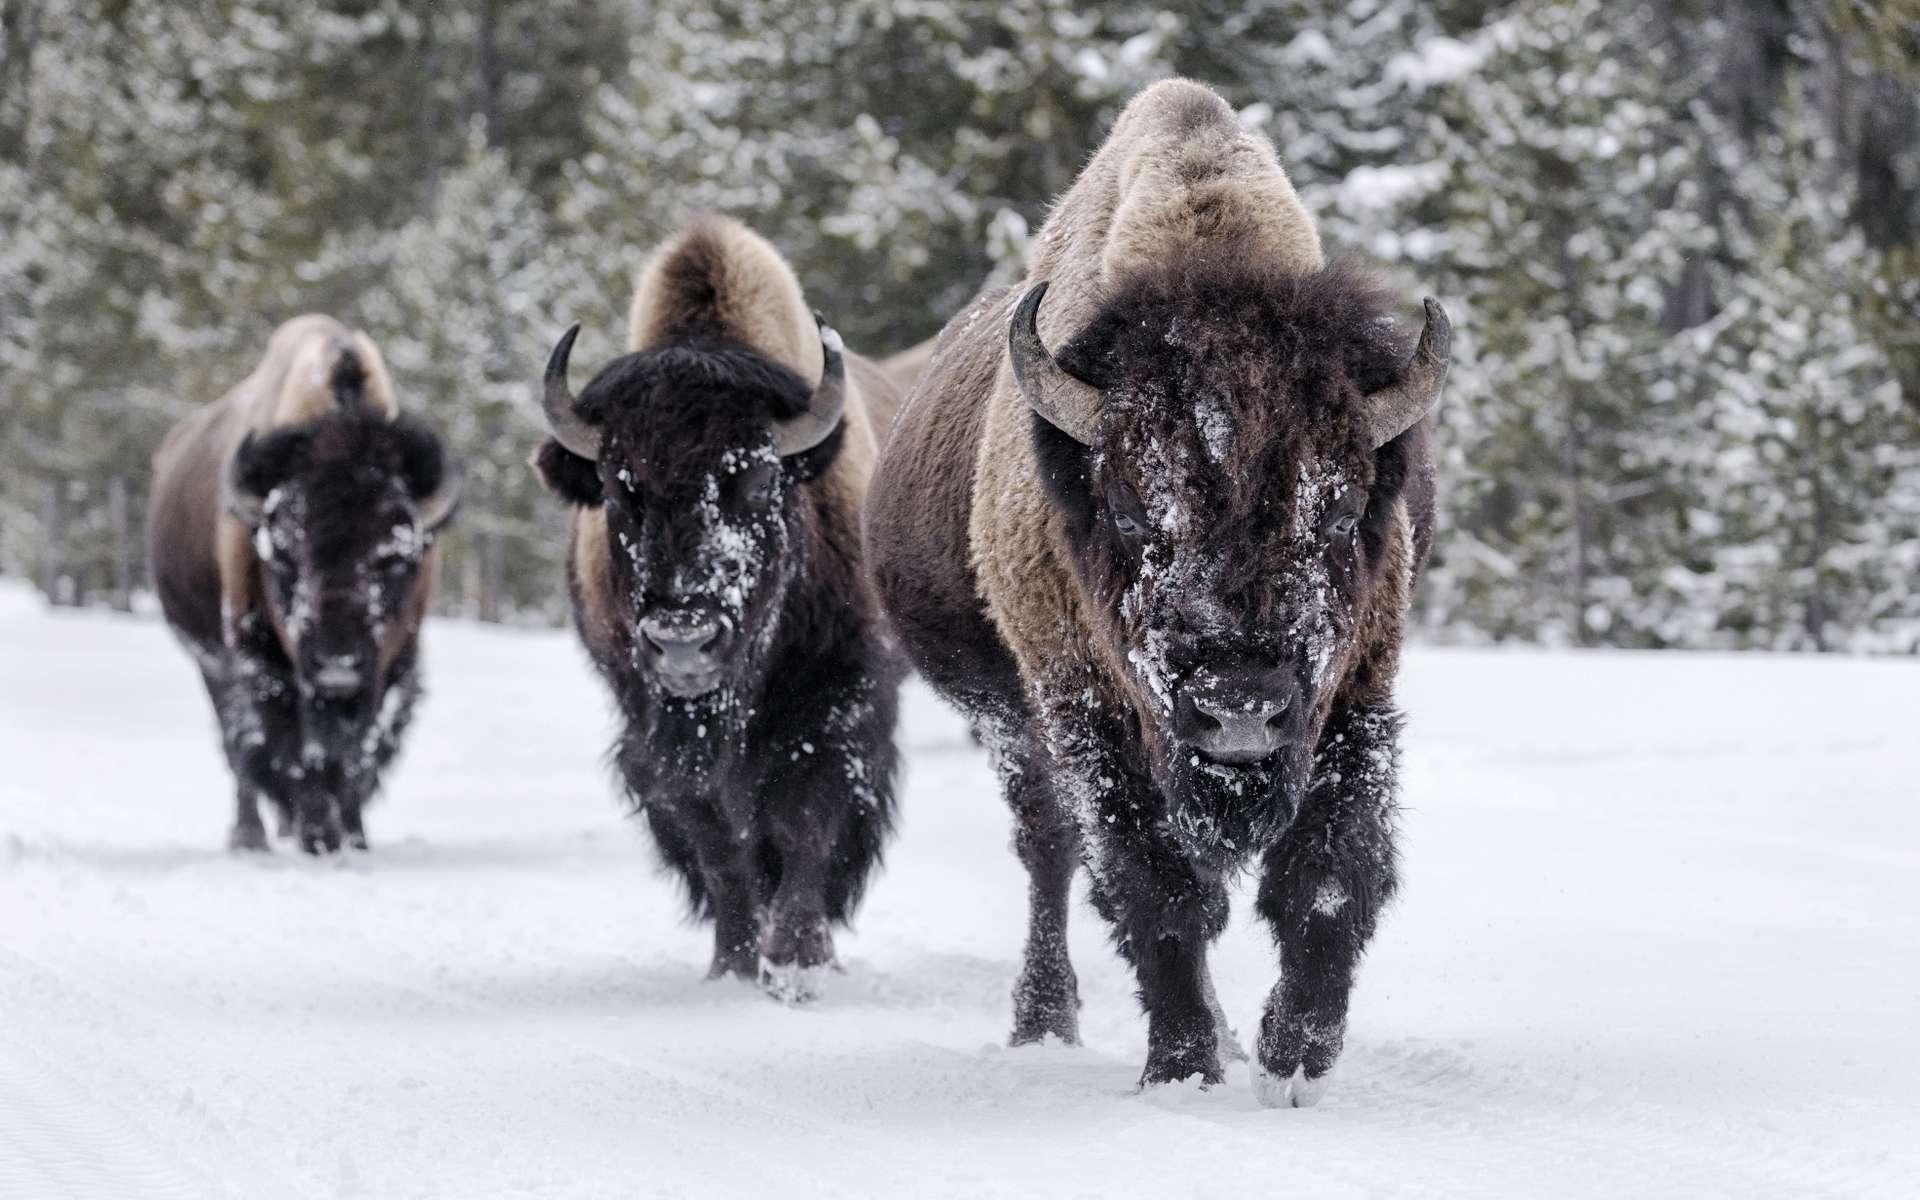 Les bisons américains sont des descendants des bisons des steppes qui vivaient aussi en Europe il y a plusieurs dizaines de milliers d'années. Leurs ancêtres sont arrivés en Amérique du Nord en profitant d'une ère glaciaire. © David Osborn, Shutterstock